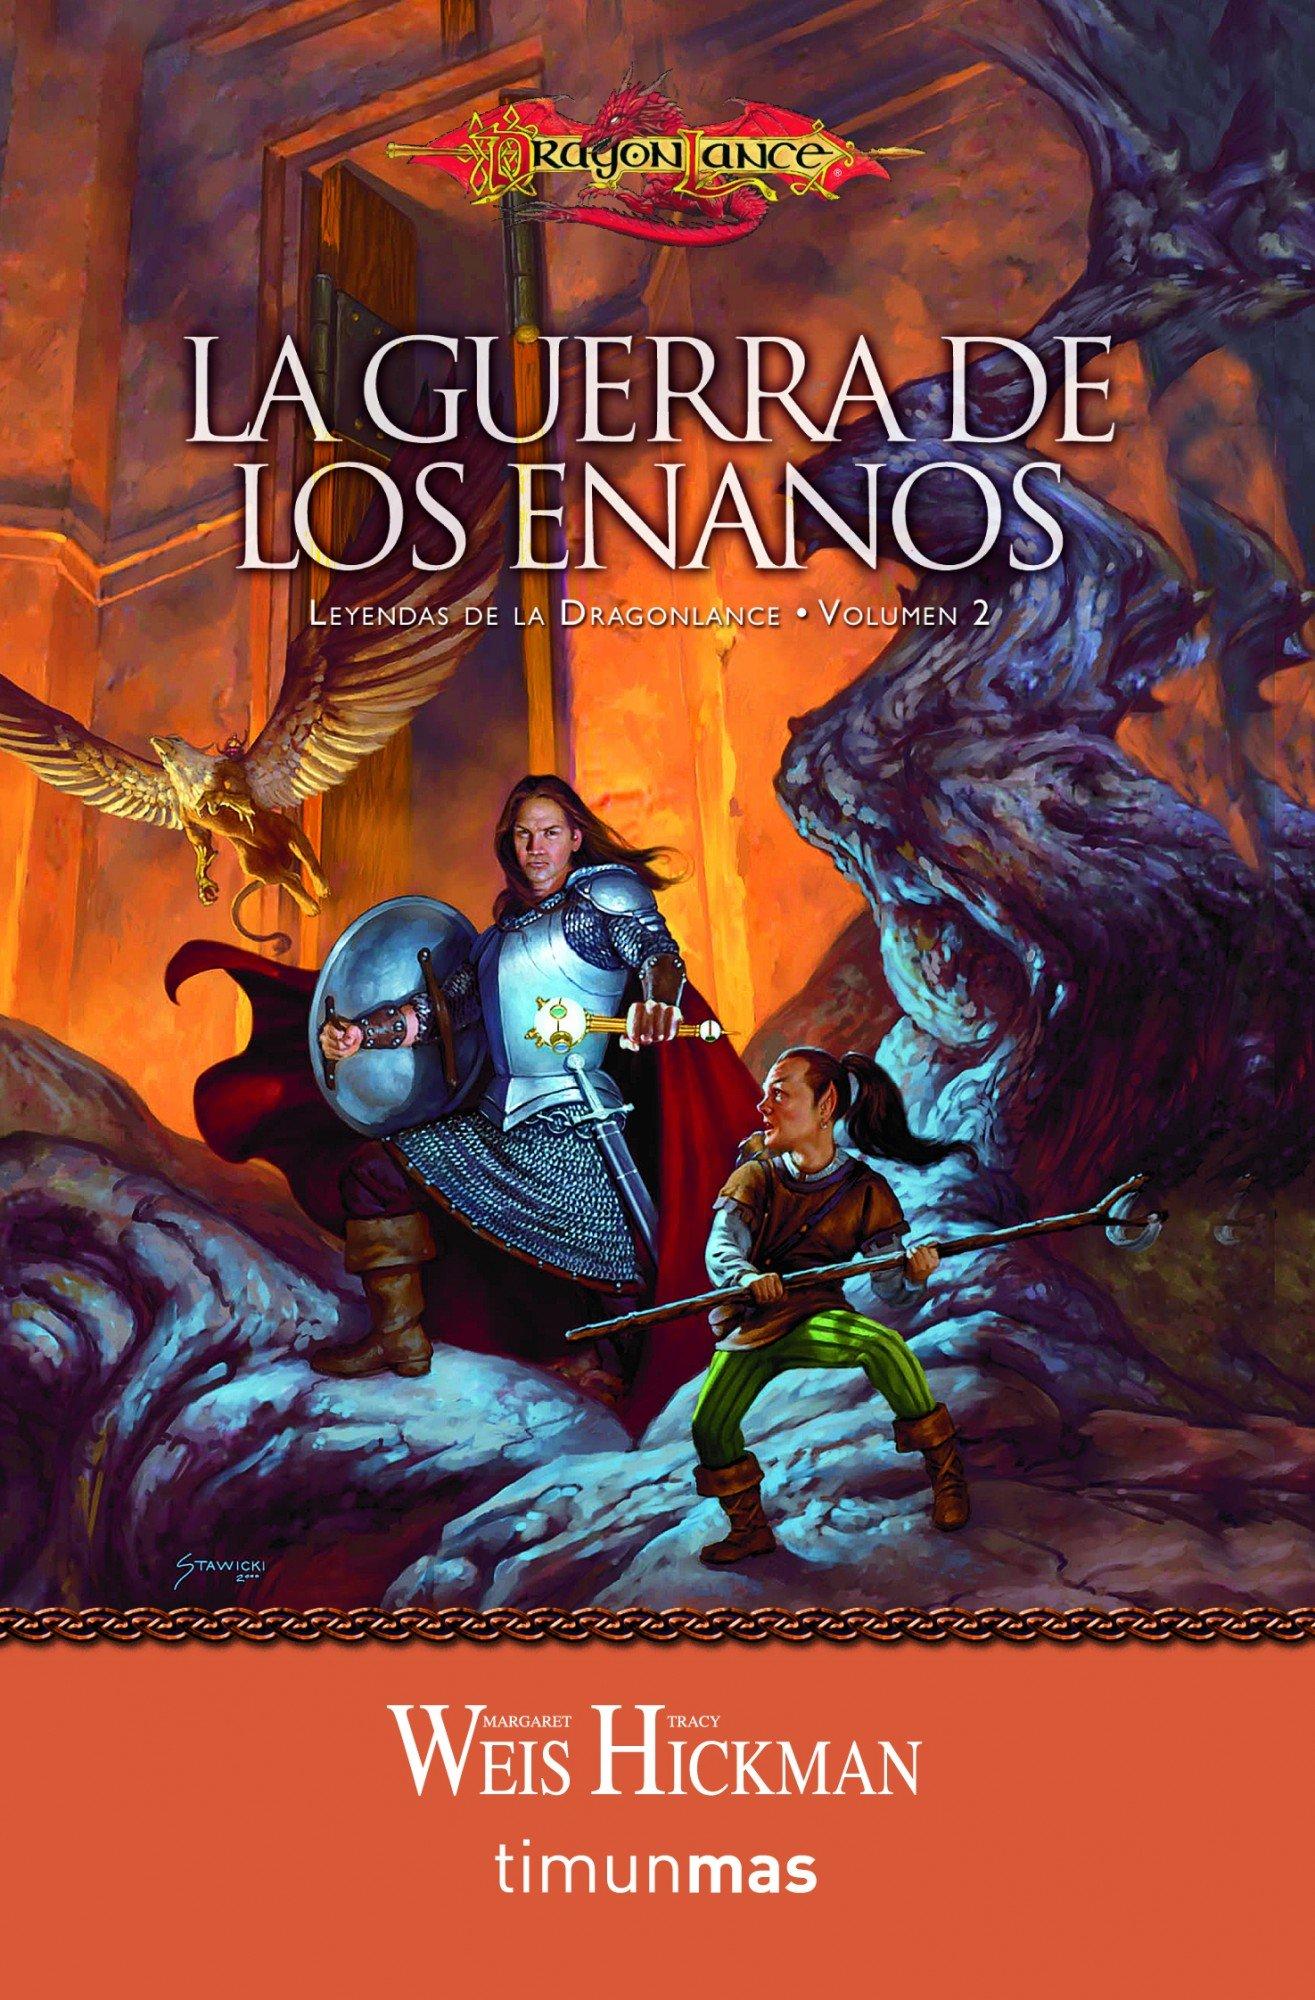 leyendas de la Dragonlance